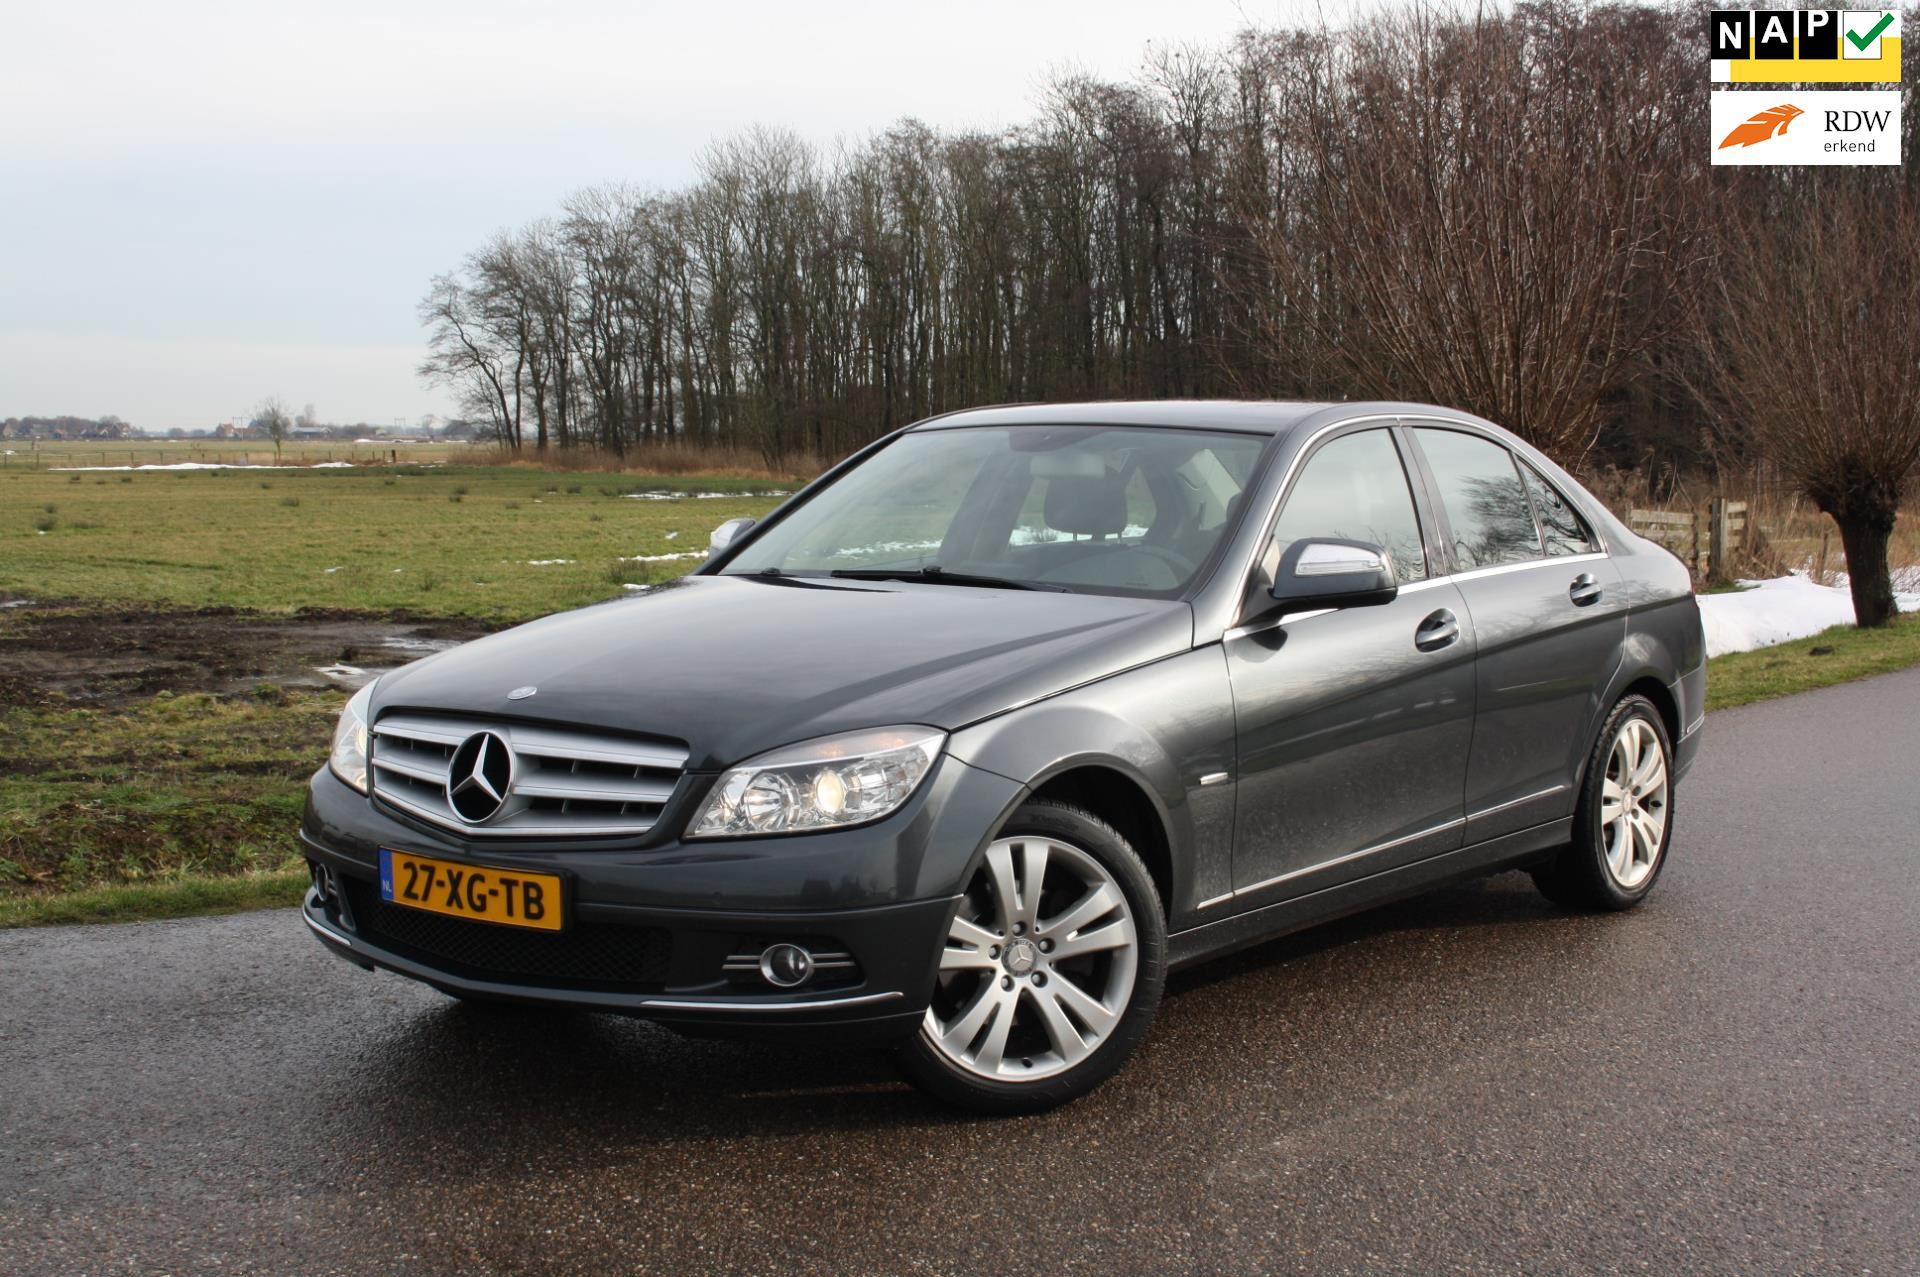 Mercedes-Benz C-klasse occasion - Favoriet Occasions